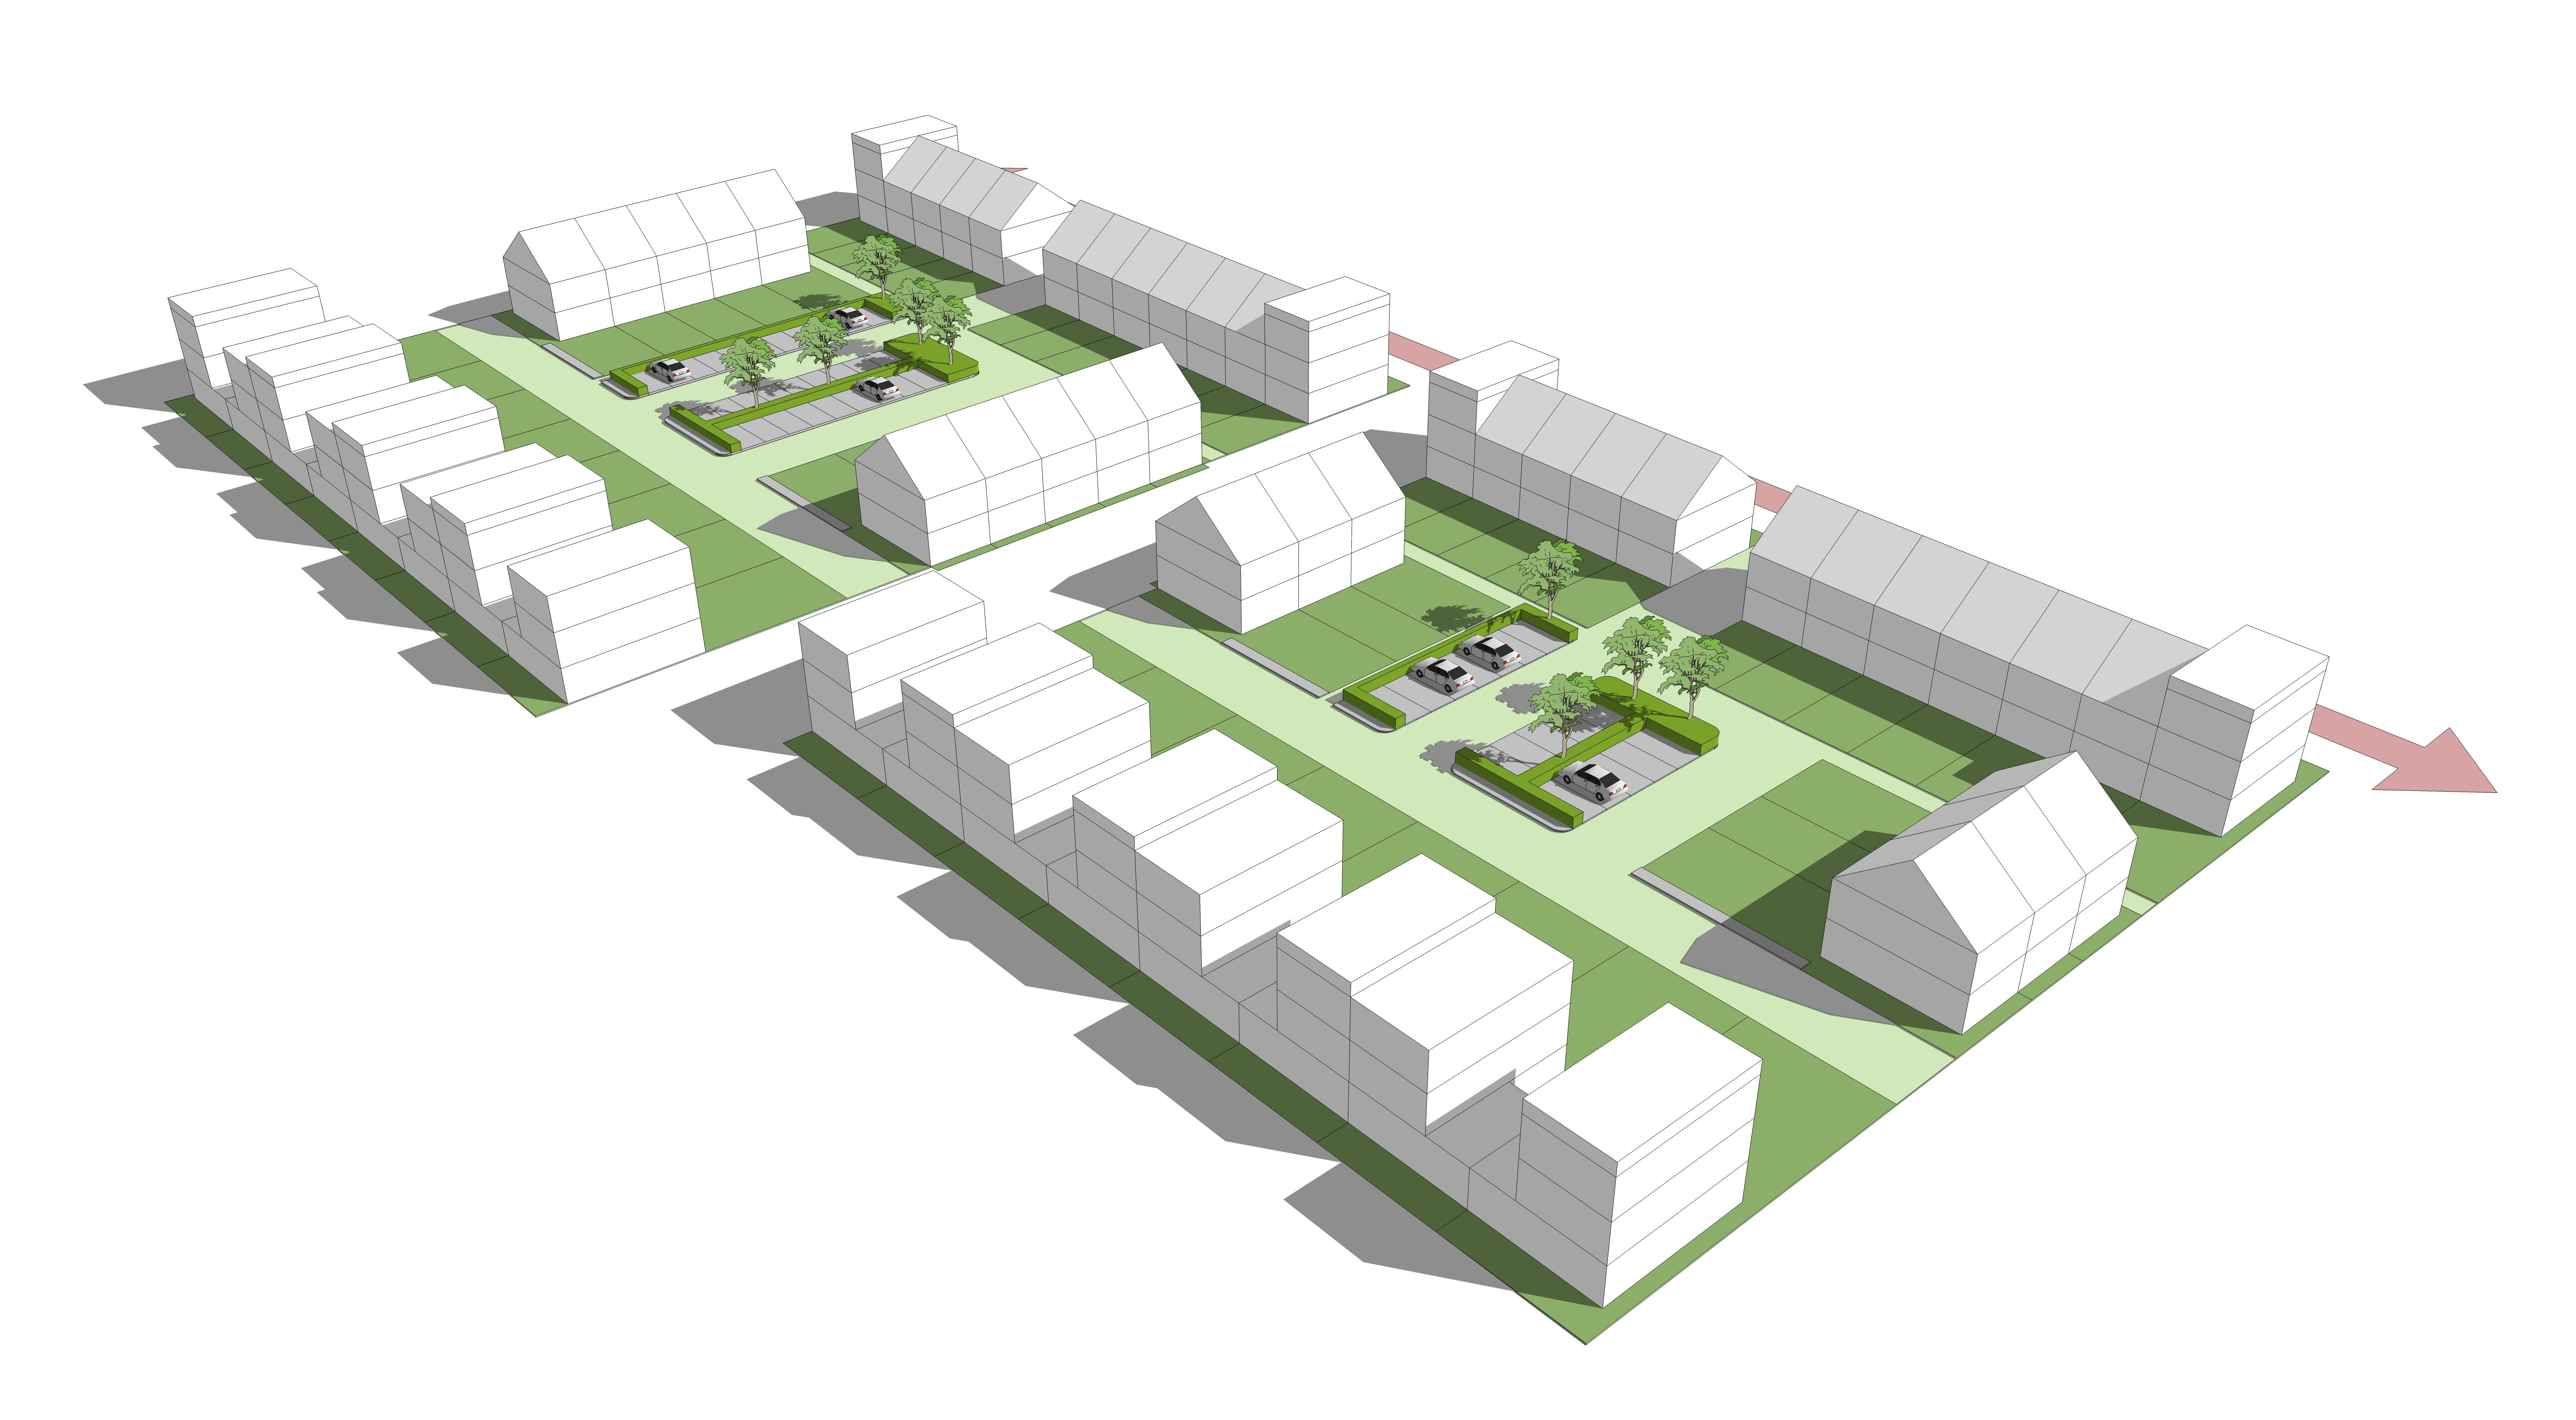 <p>Stedenbouwkundige principes Spartahof Apeldoorn MTD landschapsarchitecten</p>